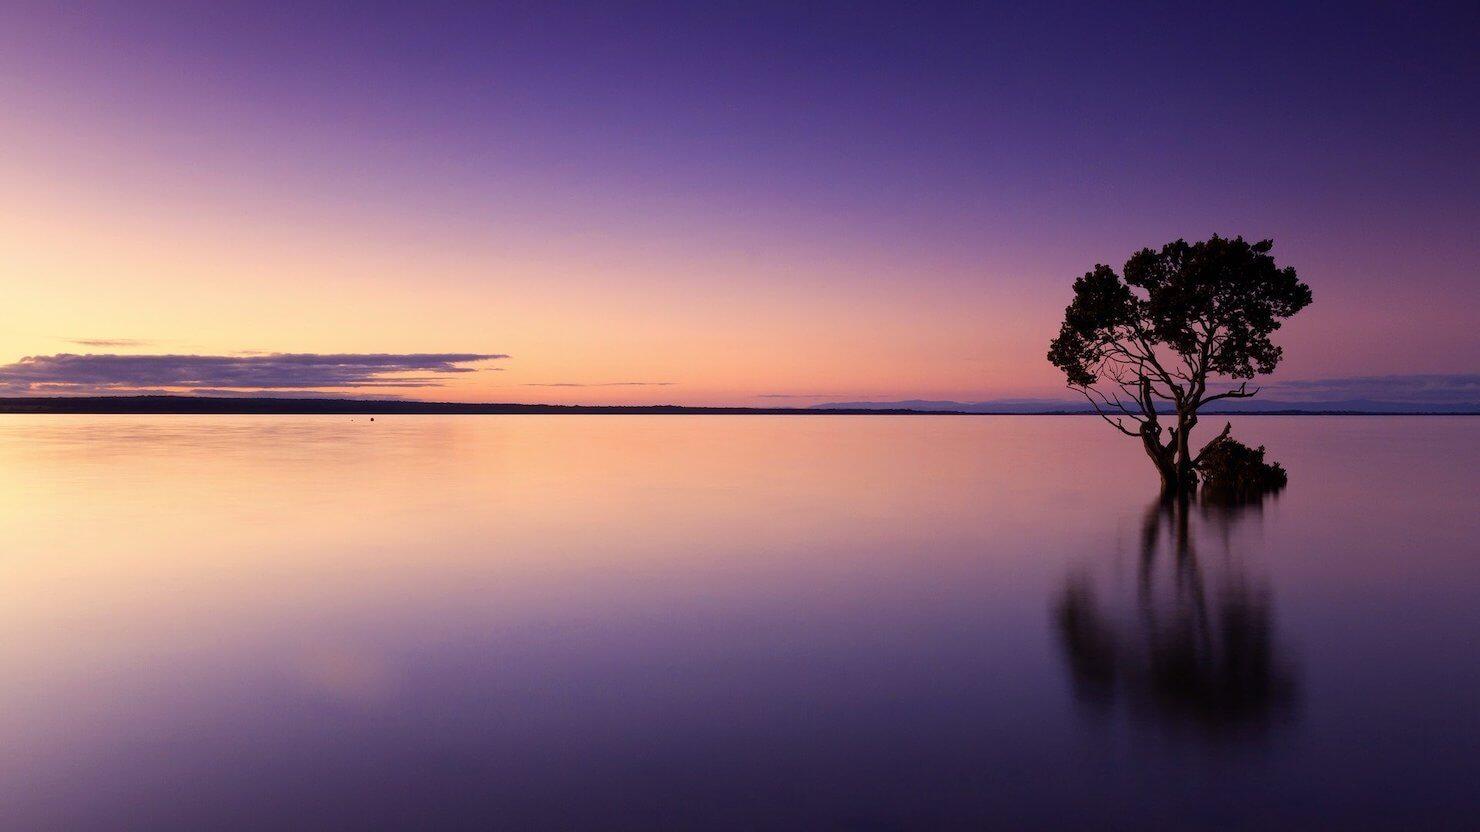 美しい夕暮れの写真